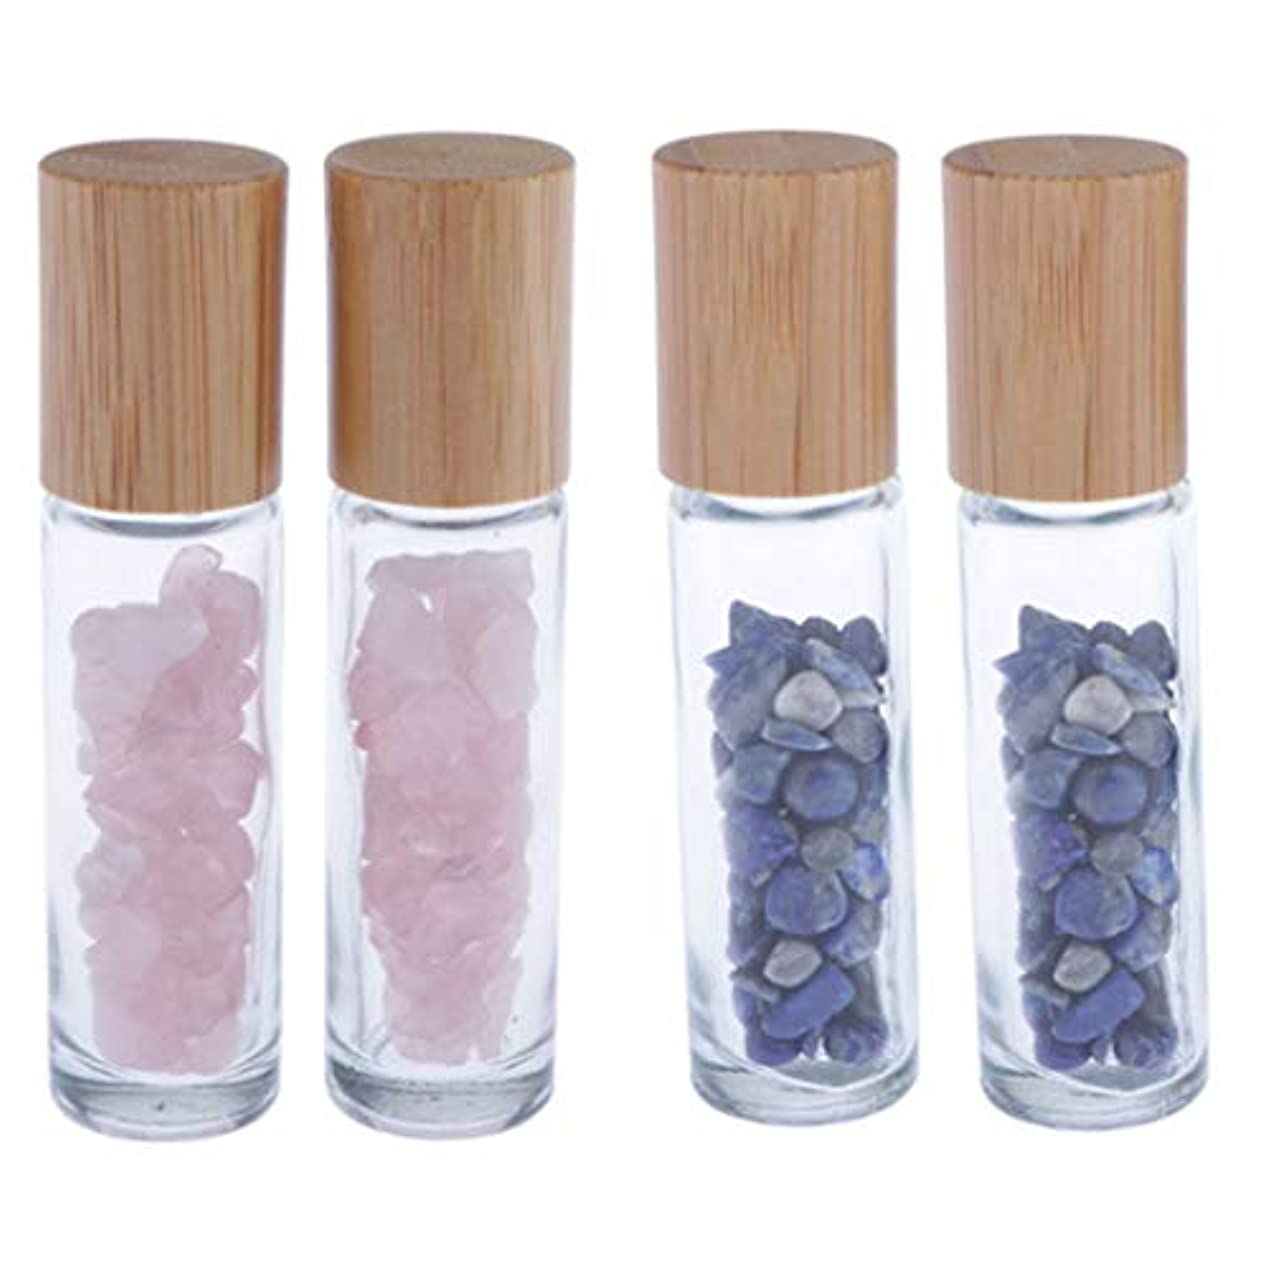 ボイド肯定的他のバンドで香水瓶 ガラス ローラーボールボトル エッセンシャルオイルボトル 香水瓶 4個入り